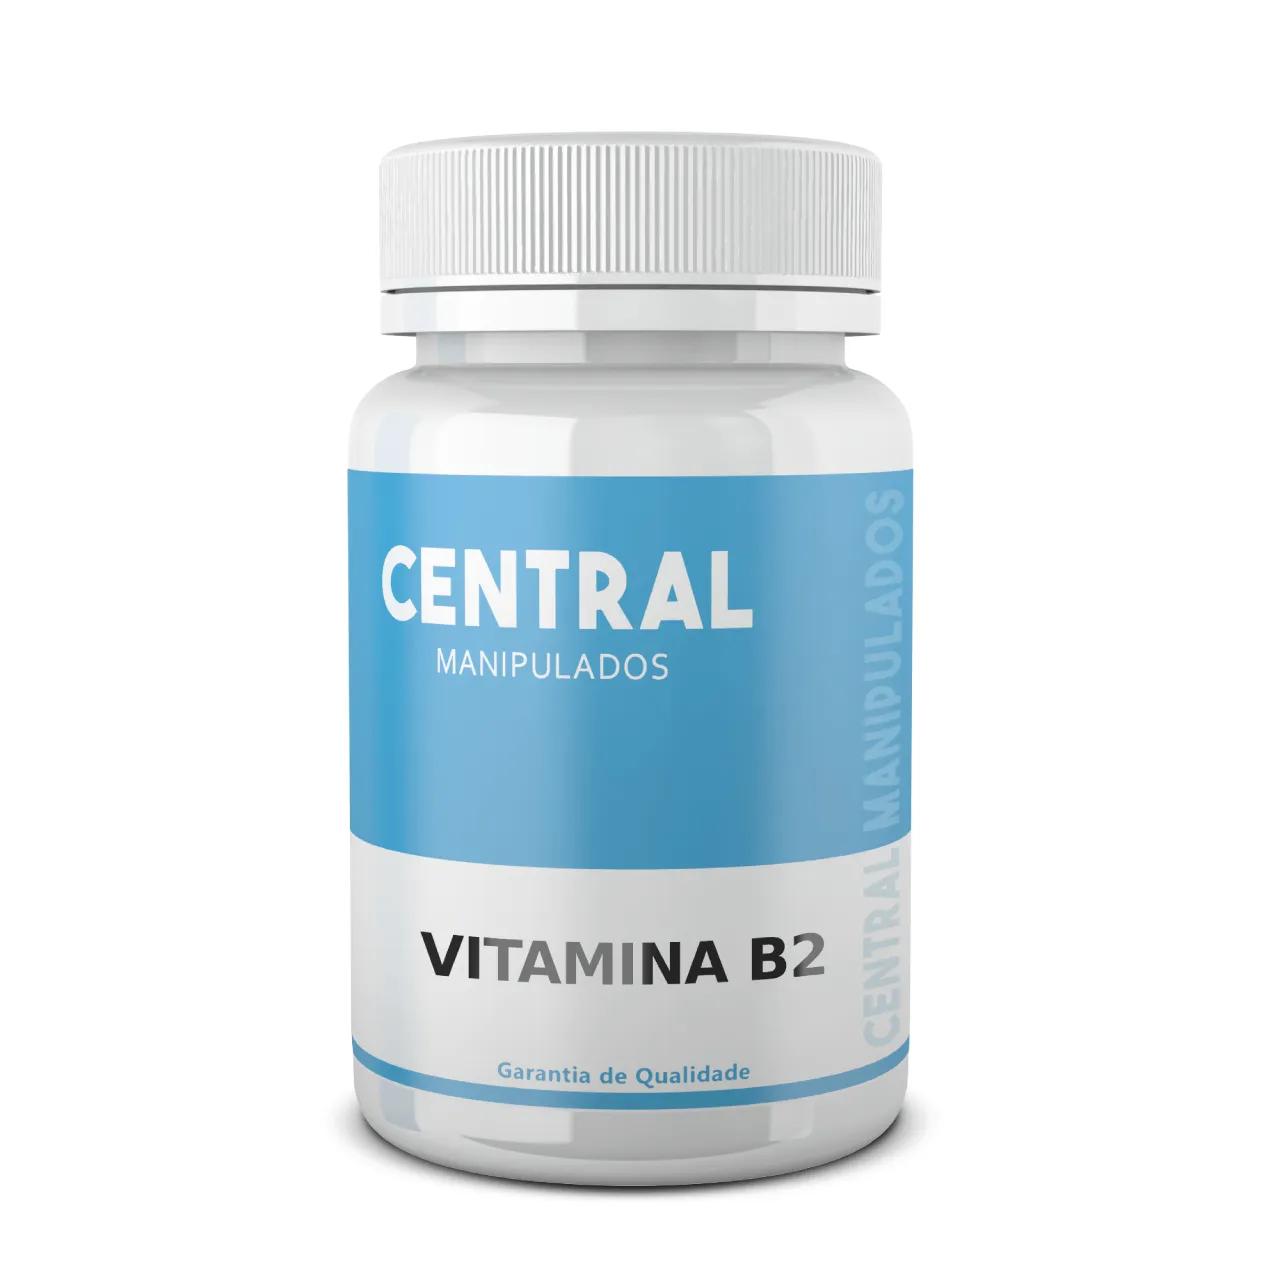 Vitamina B2 250mg - 120 cápsulas - Riboflavina